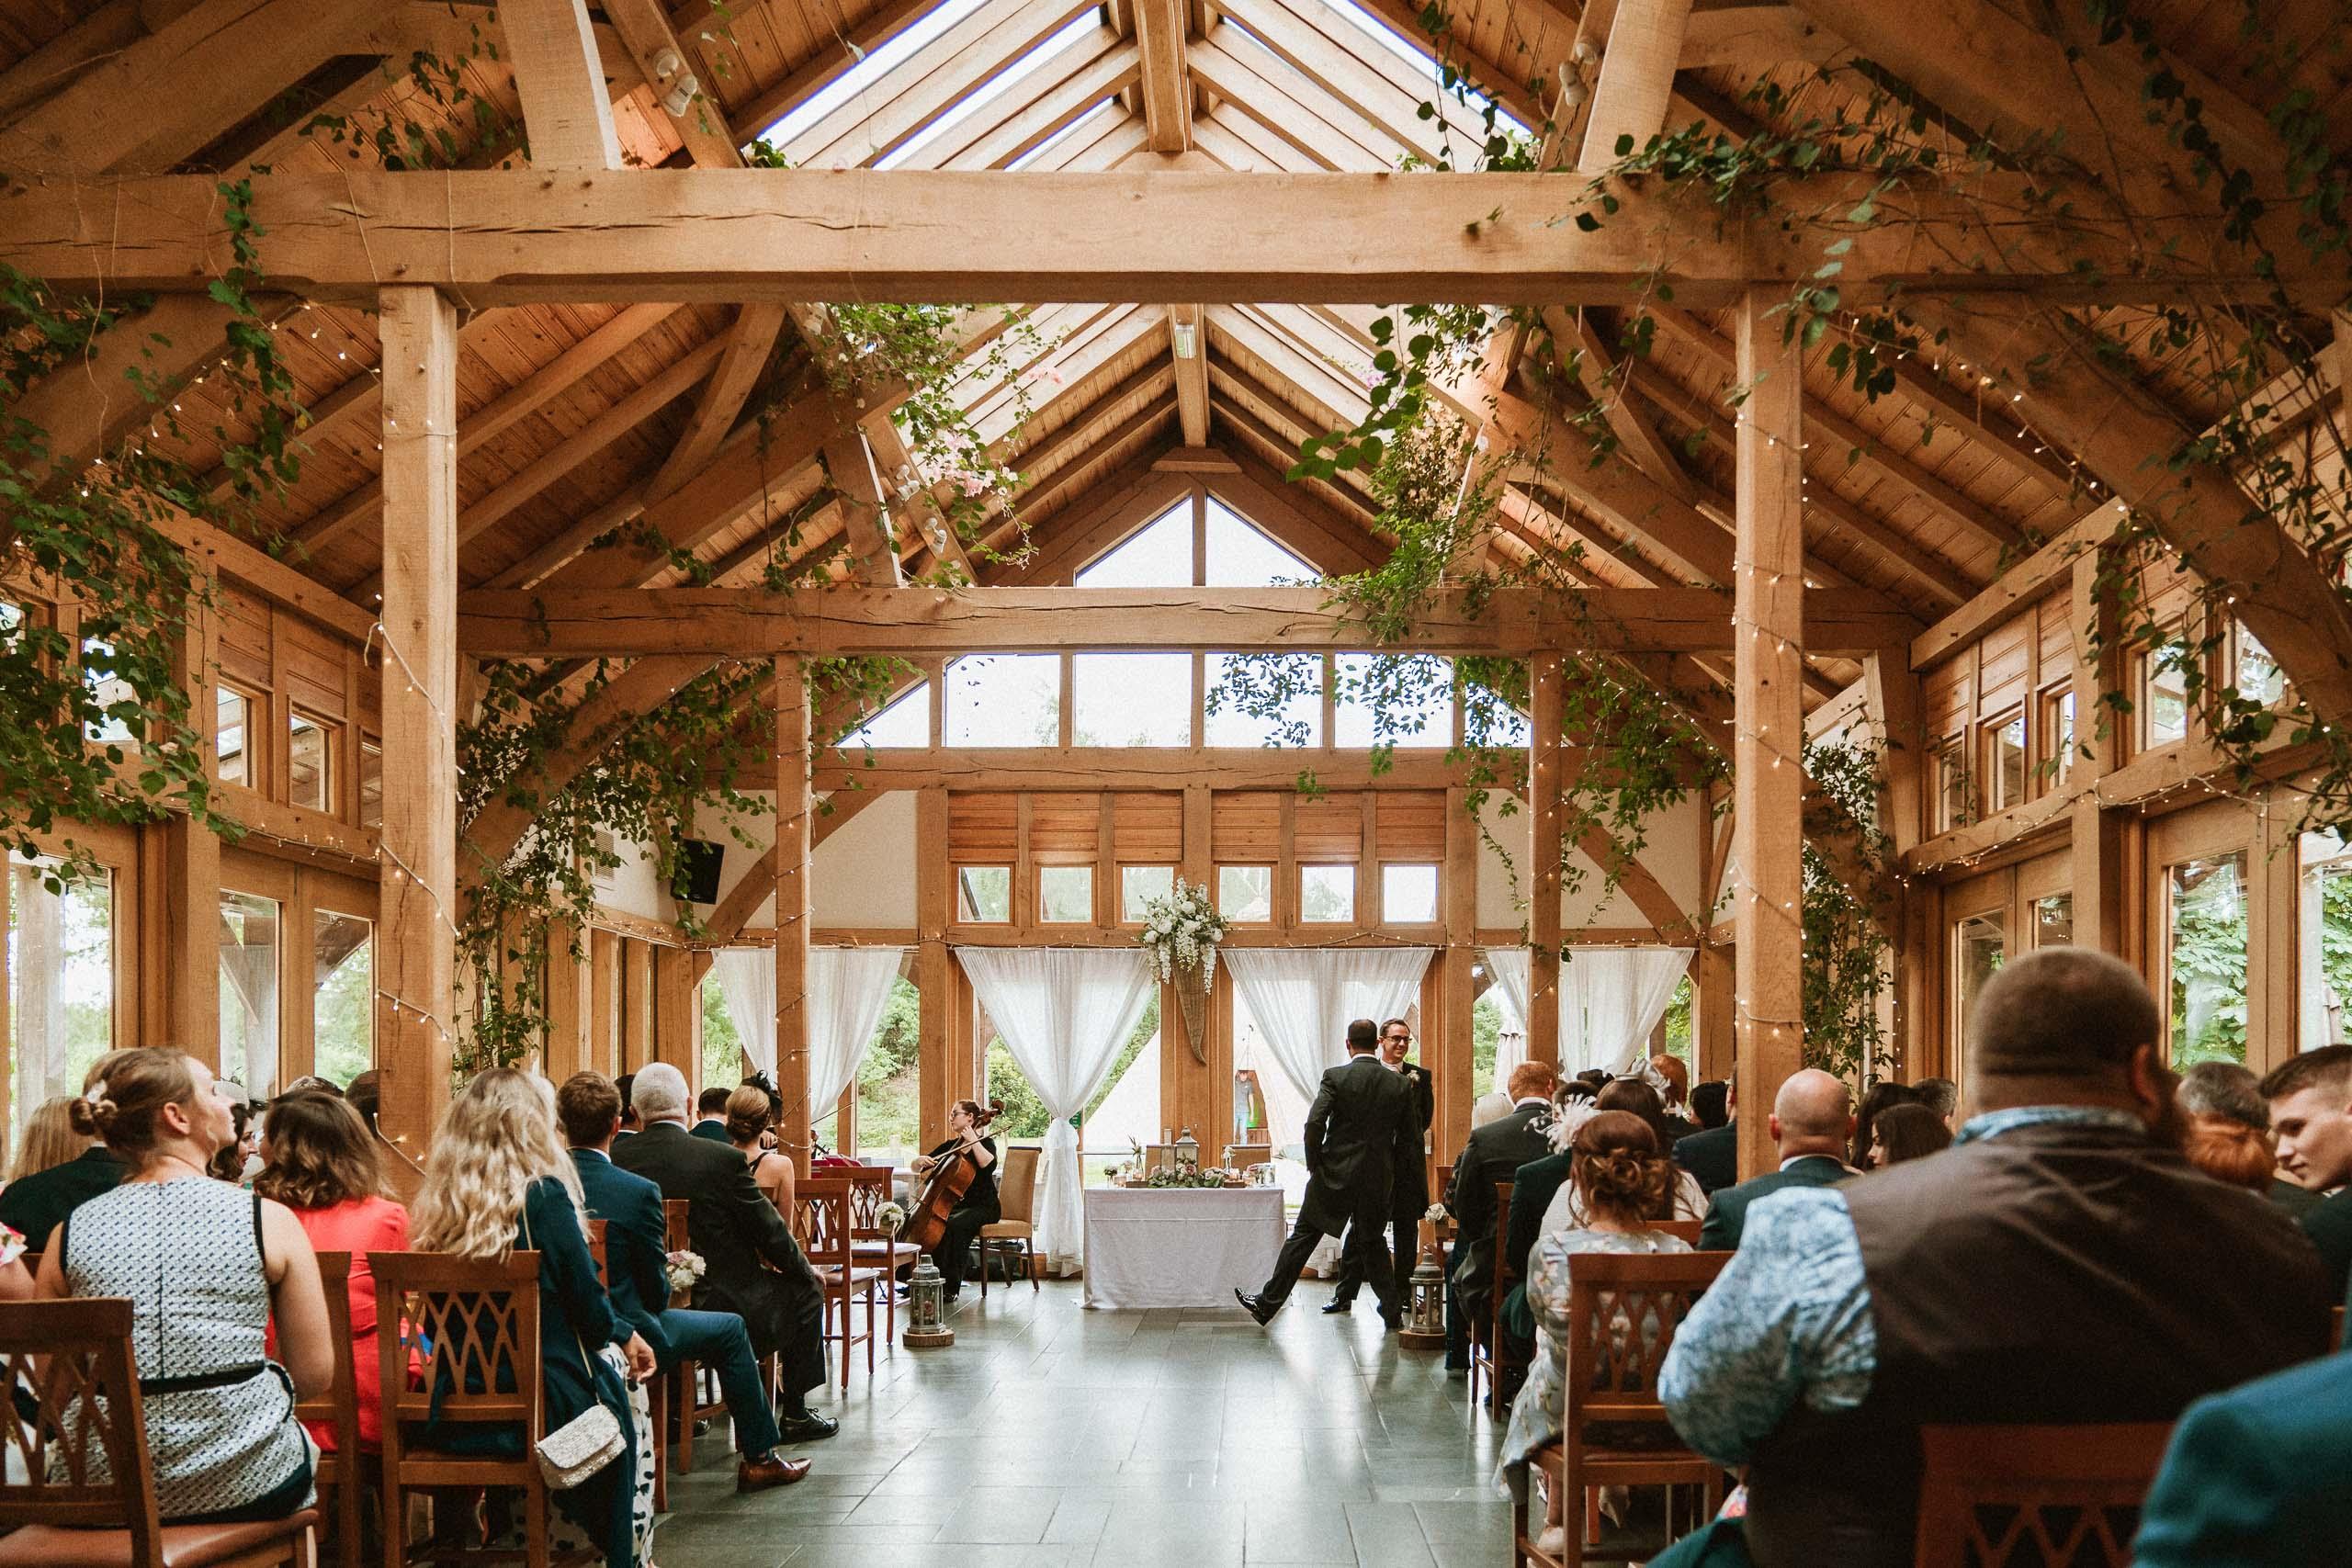 Oak Tree of Peover Acorn Barn interior